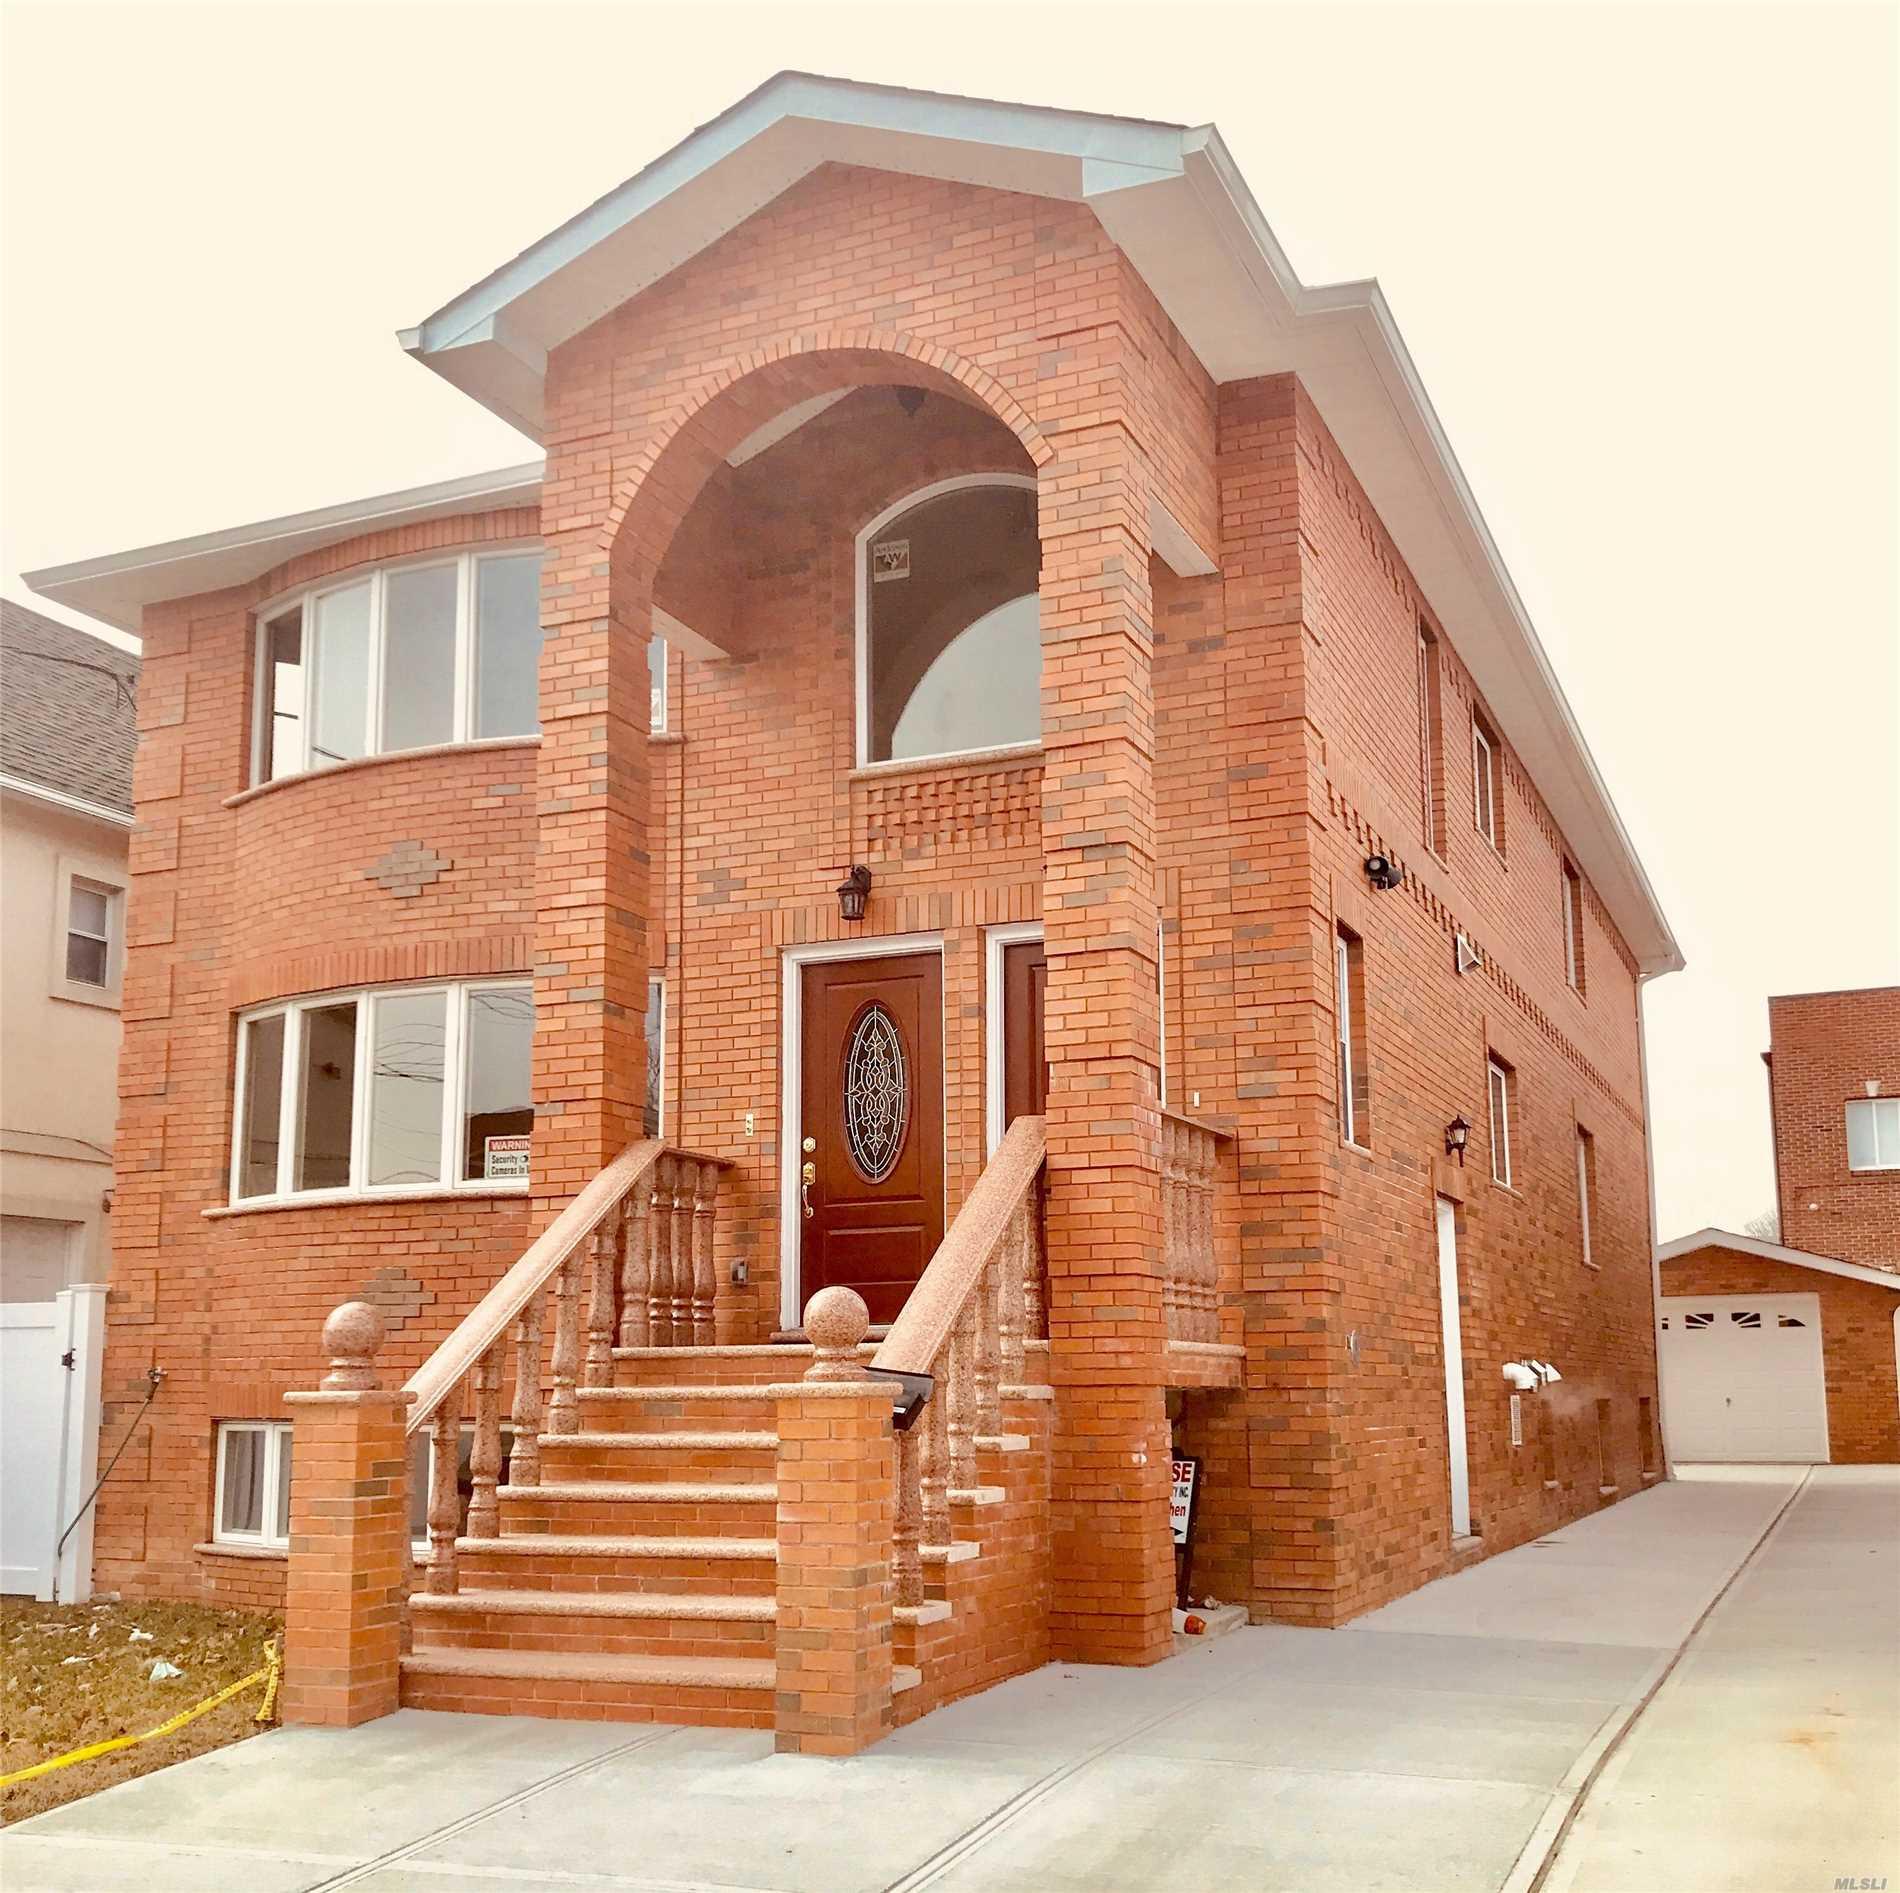 Property for sale at 15-12 149th Street, Whitestone NY 11357, Whitestone,  New York 11357